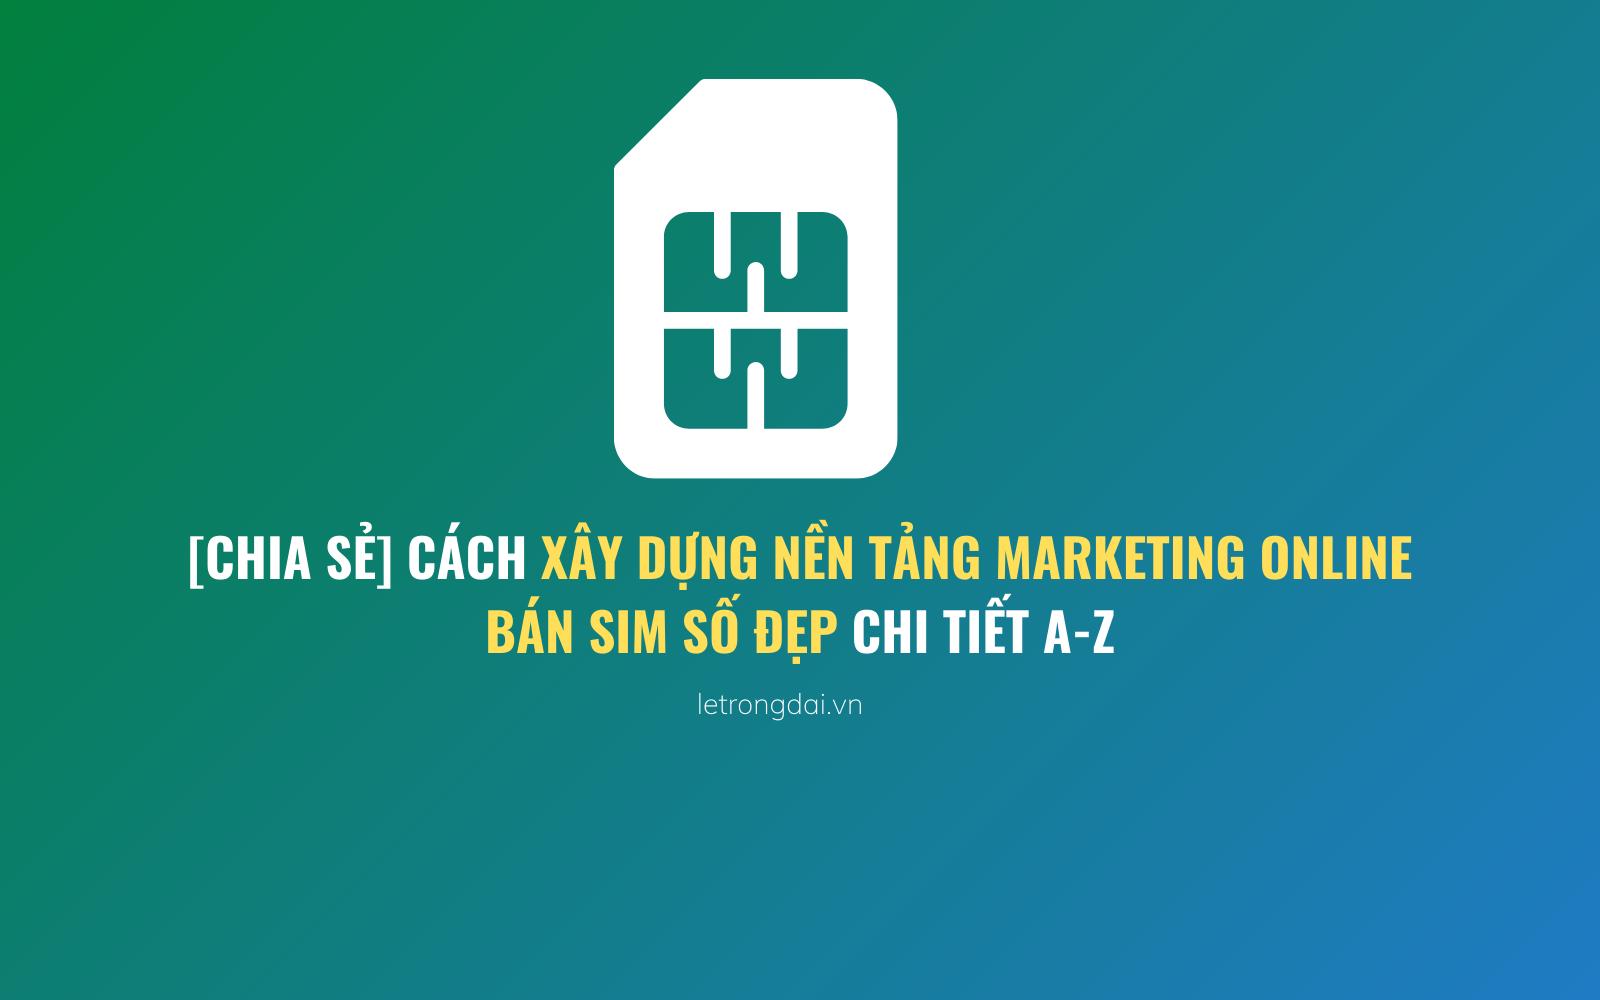 Cách Xây Dựng Nền Tảng Marketing Online Bán Sim Số đẹp